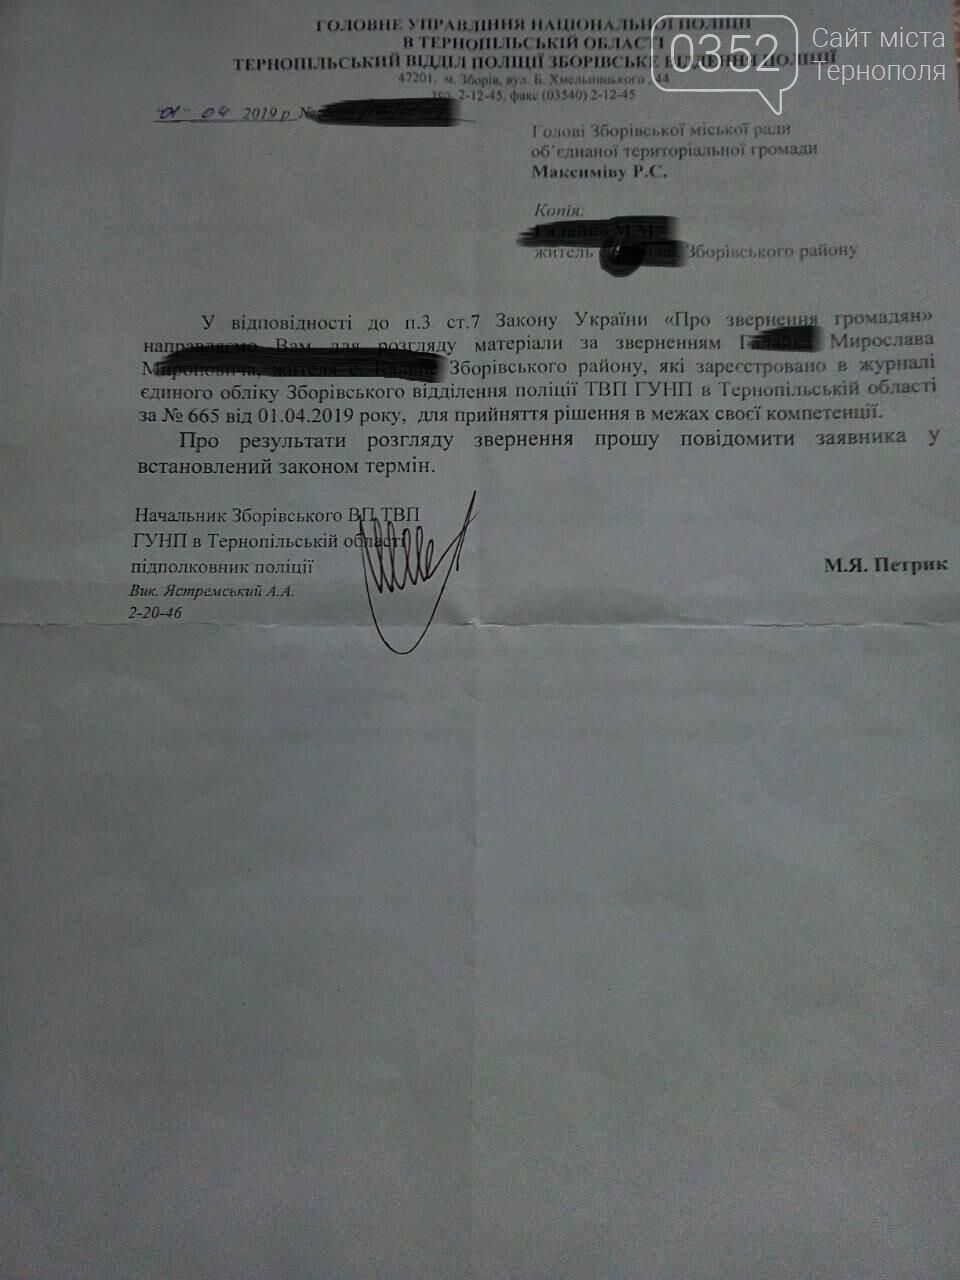 Чоловік з Тернопільщини підозрює двох працівників міськради у махінаціях із землею (ФОТО), фото-3